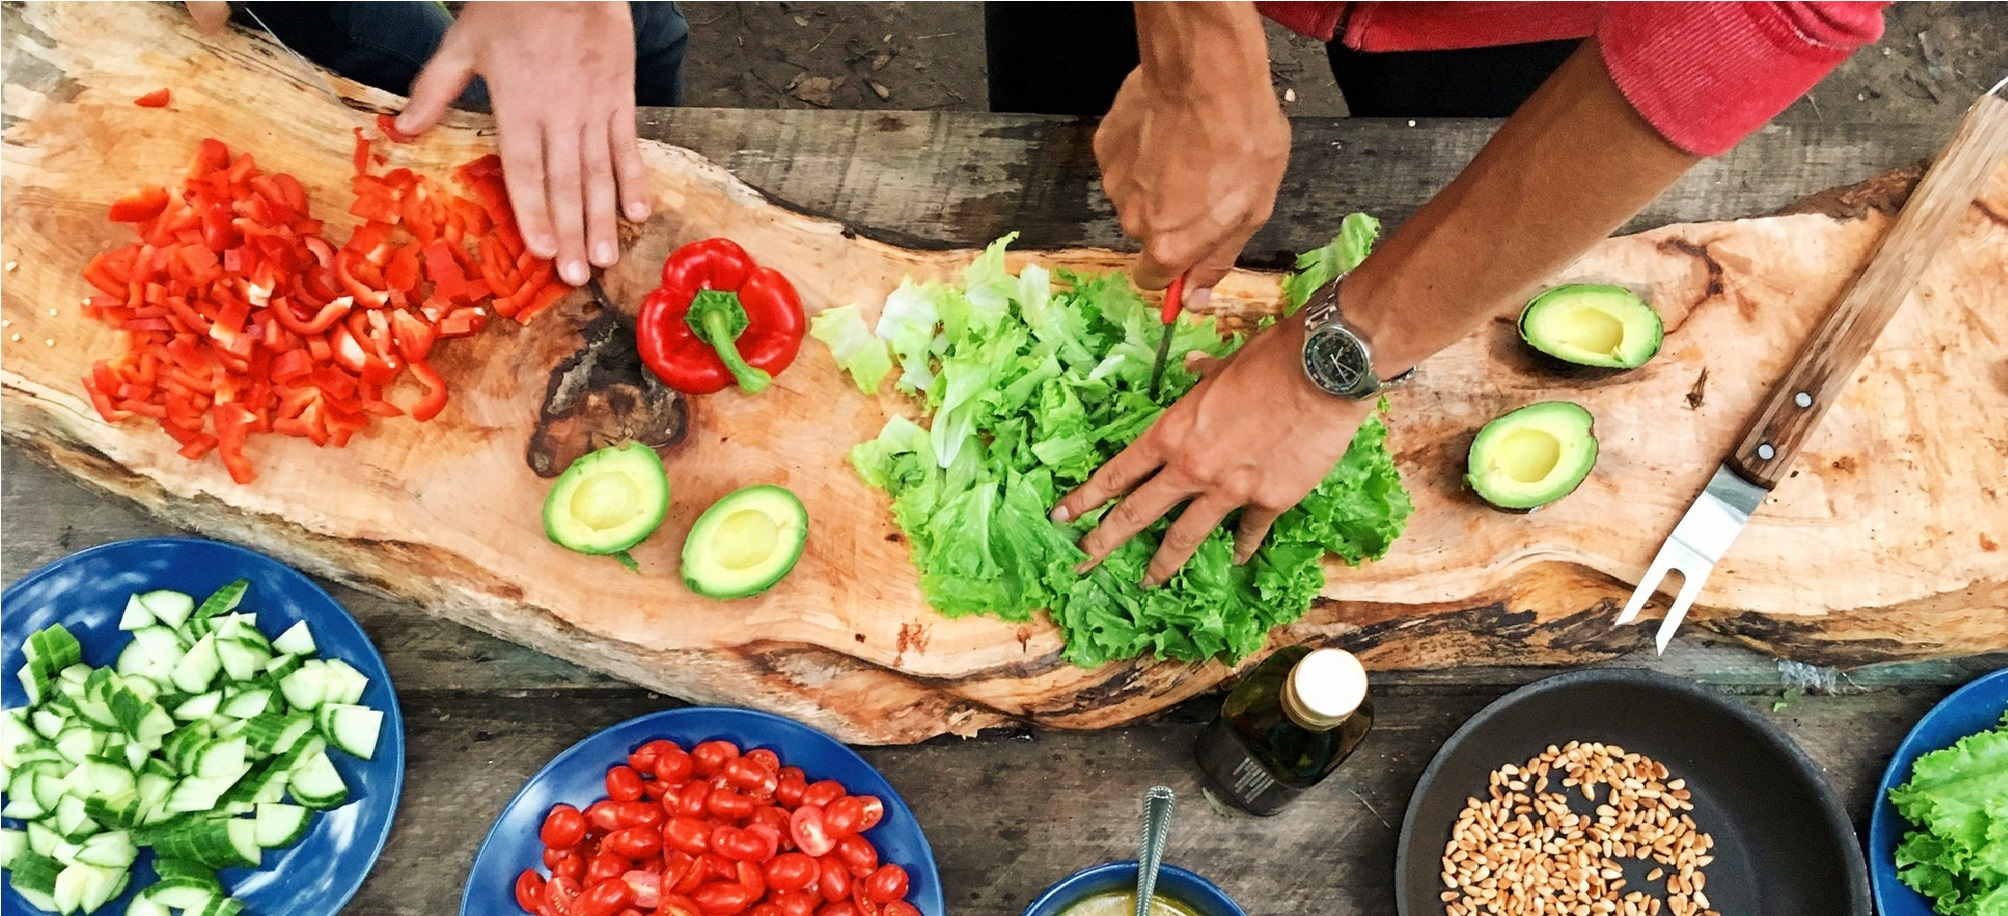 Información sobre alimentación, nutrición, dietas, comidas y hábitos saludables en la cocina.